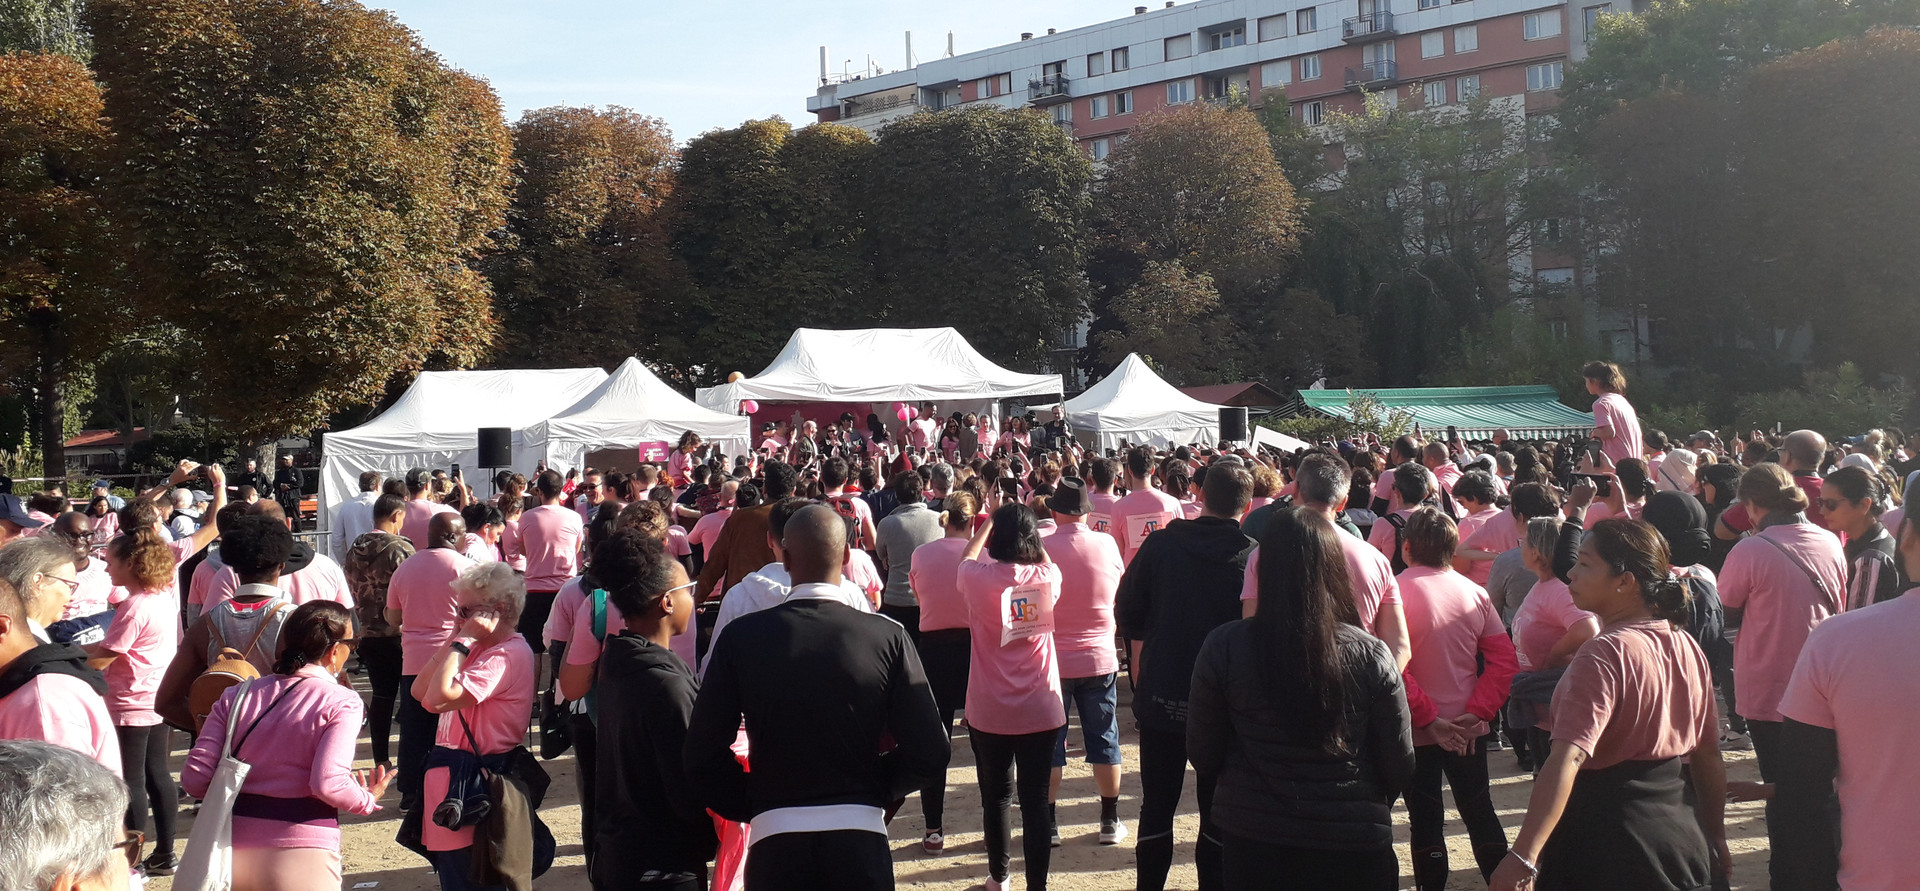 Course et marche solidaire La Clichoise qui a lieu chaque année (depuis 5 ans) à Clichy au parc Roger Salengro à l'occasion d'Octobre Rose lors de laquelle le CRCDC-IDF site 92 tient un stand d'information.  En 2019, plus de 2000 participants et 11 500 € de dons ont été récoltés en faveur de la Ligue contre le cancer des Hauts-de-Seine